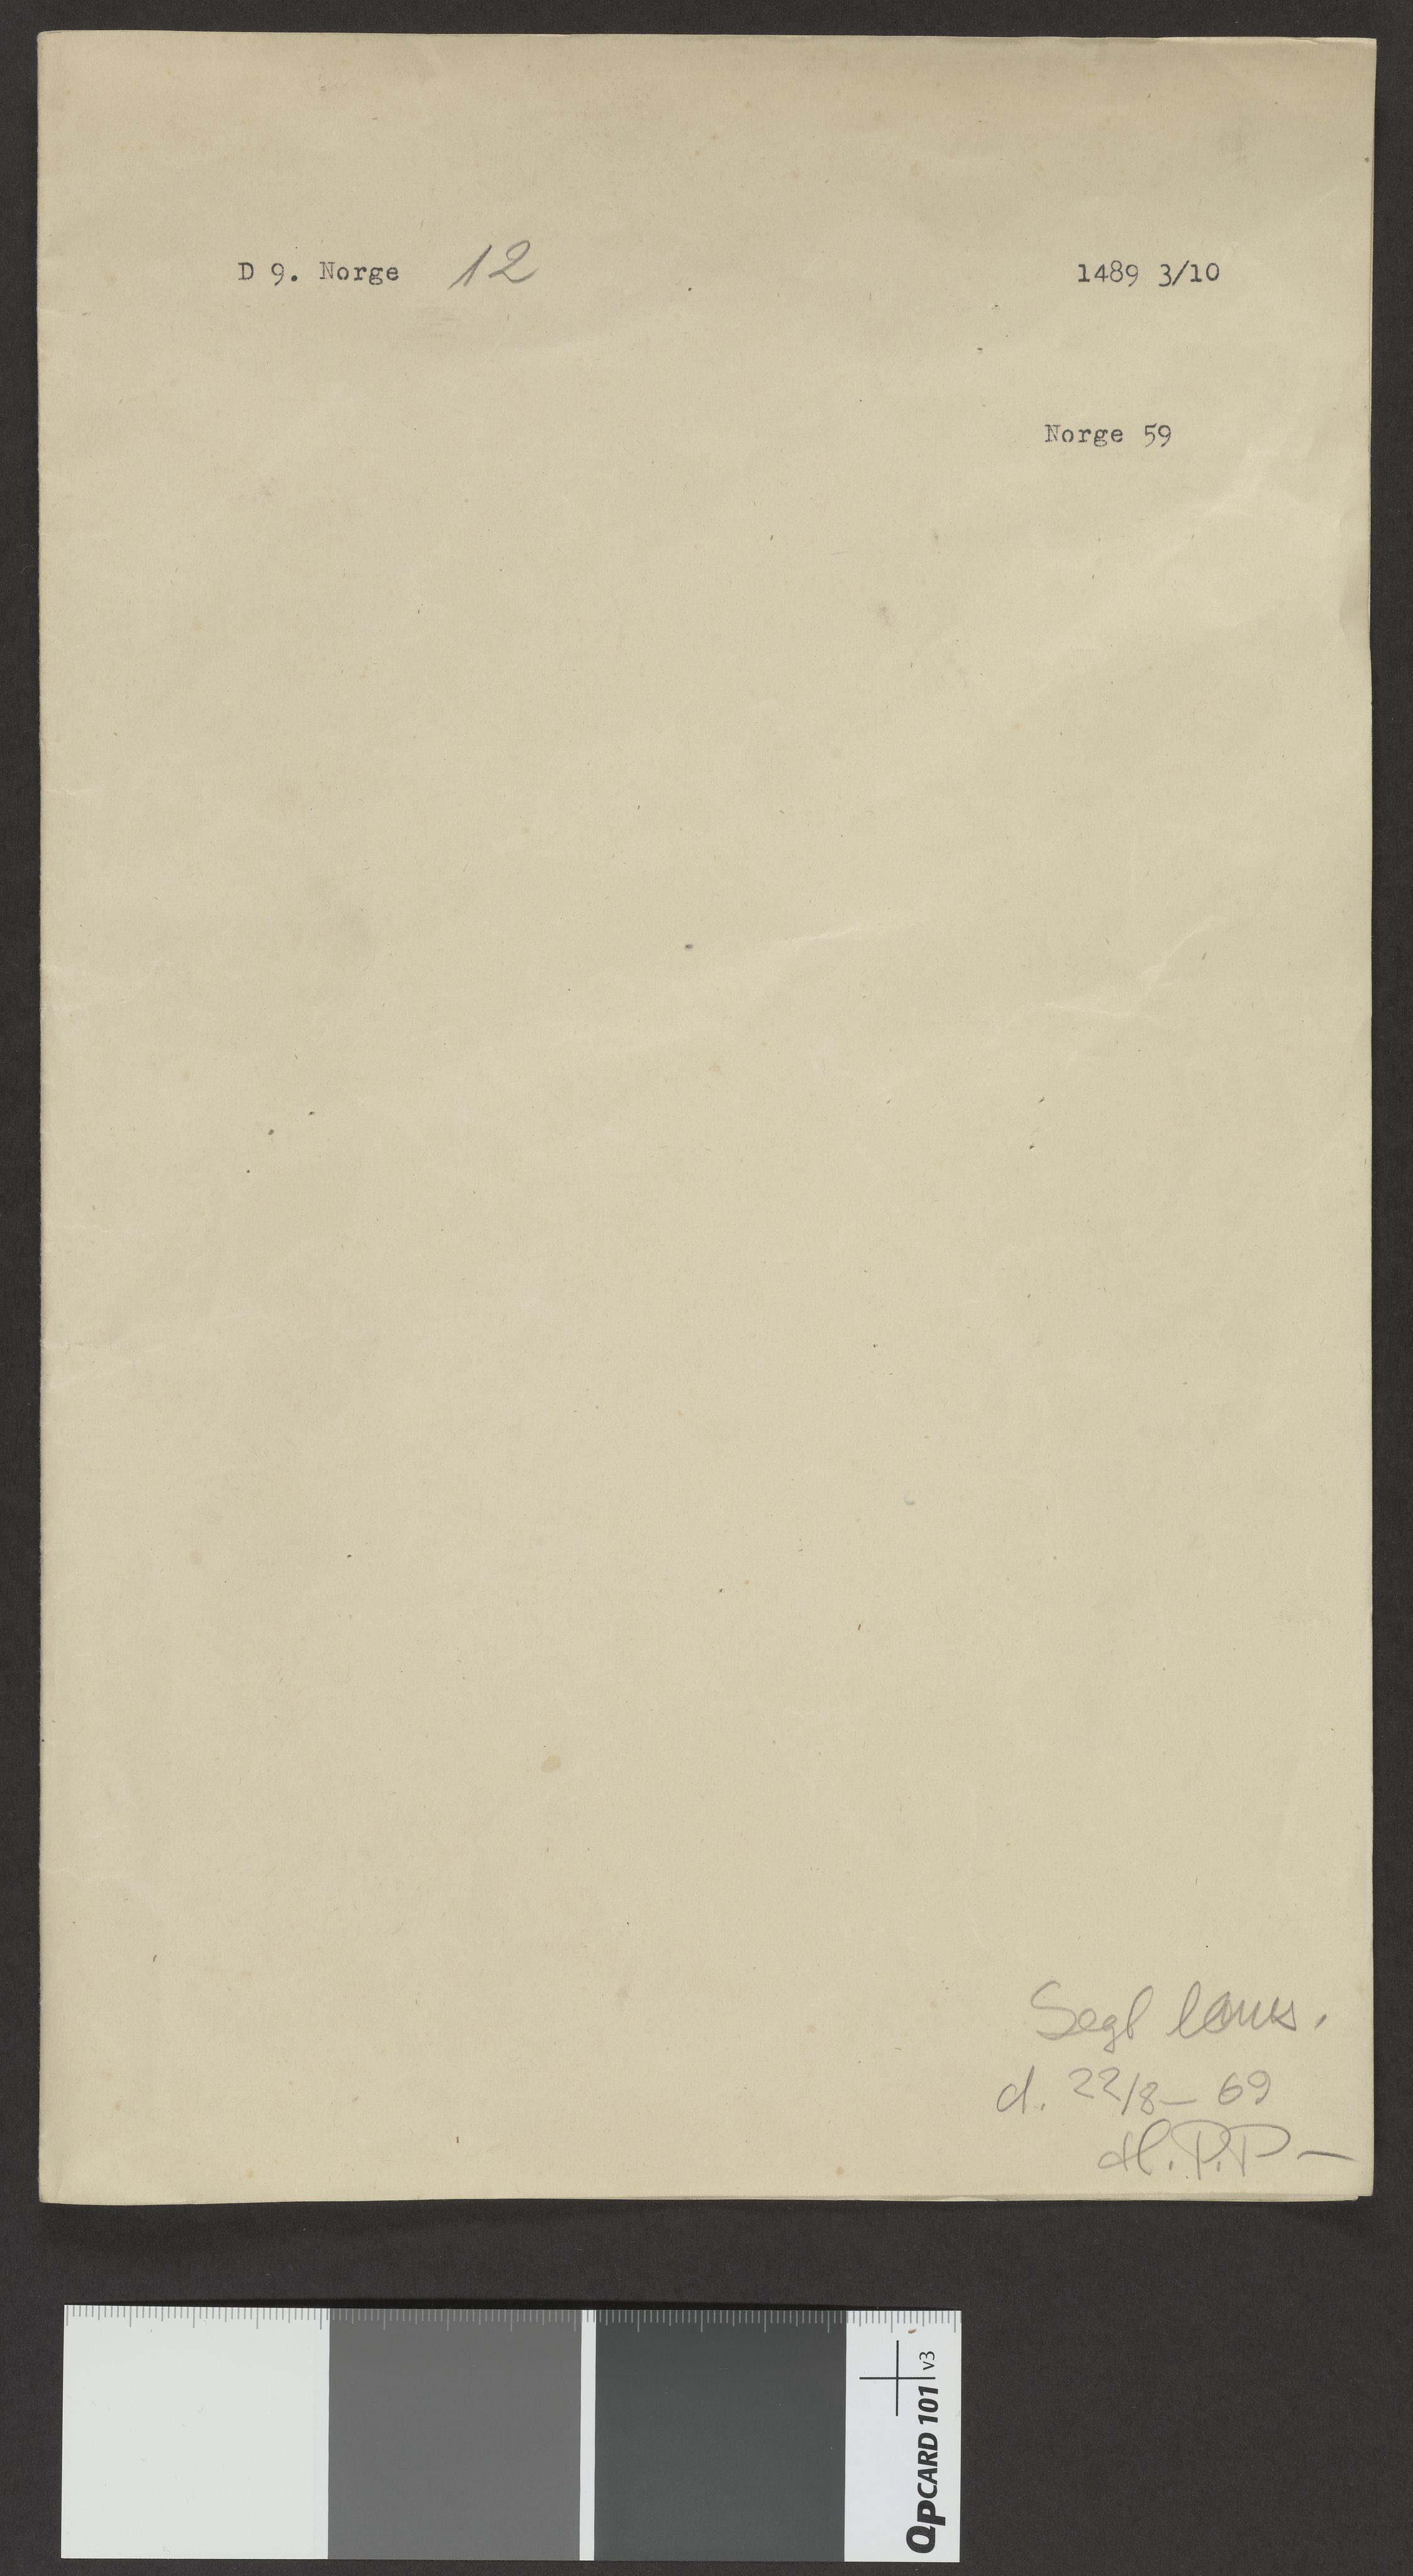 RA, Riksarkivets diplomsamling, F06/L0037: Dokument nr. 59, 61d